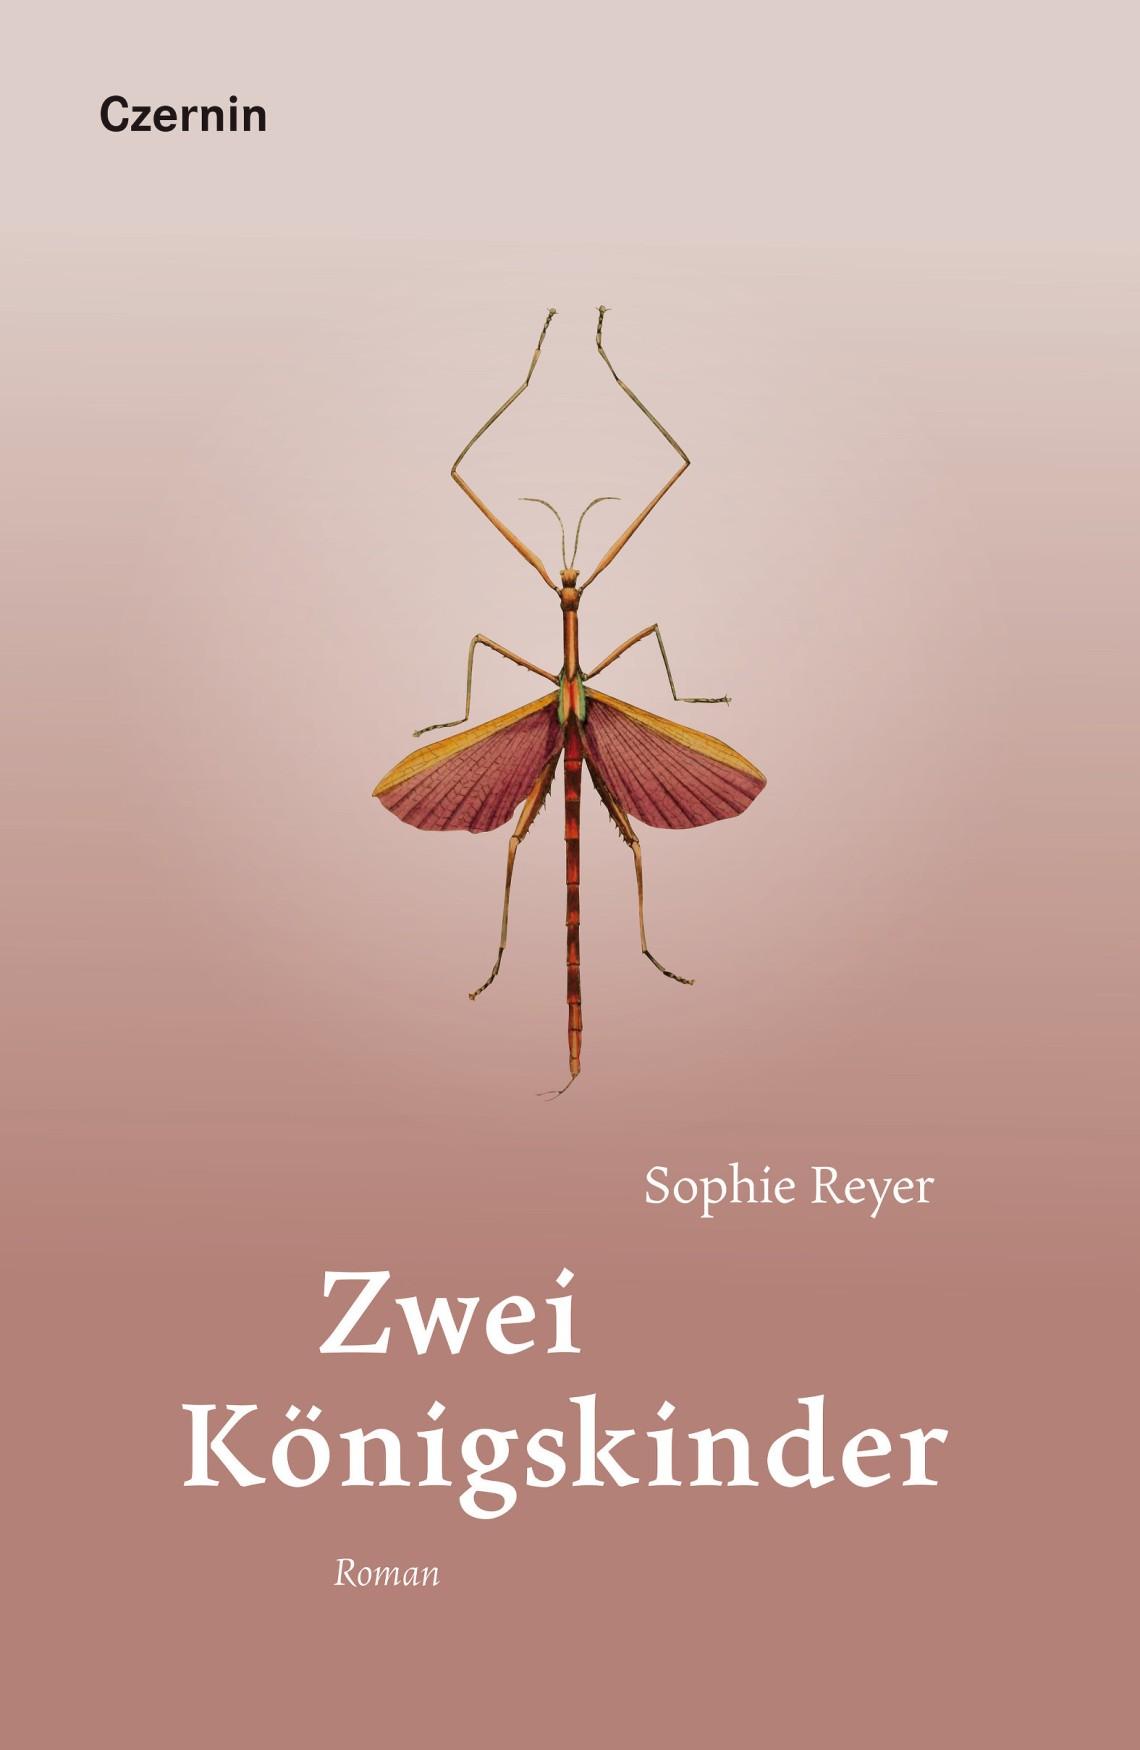 reyer_königskinder_cover